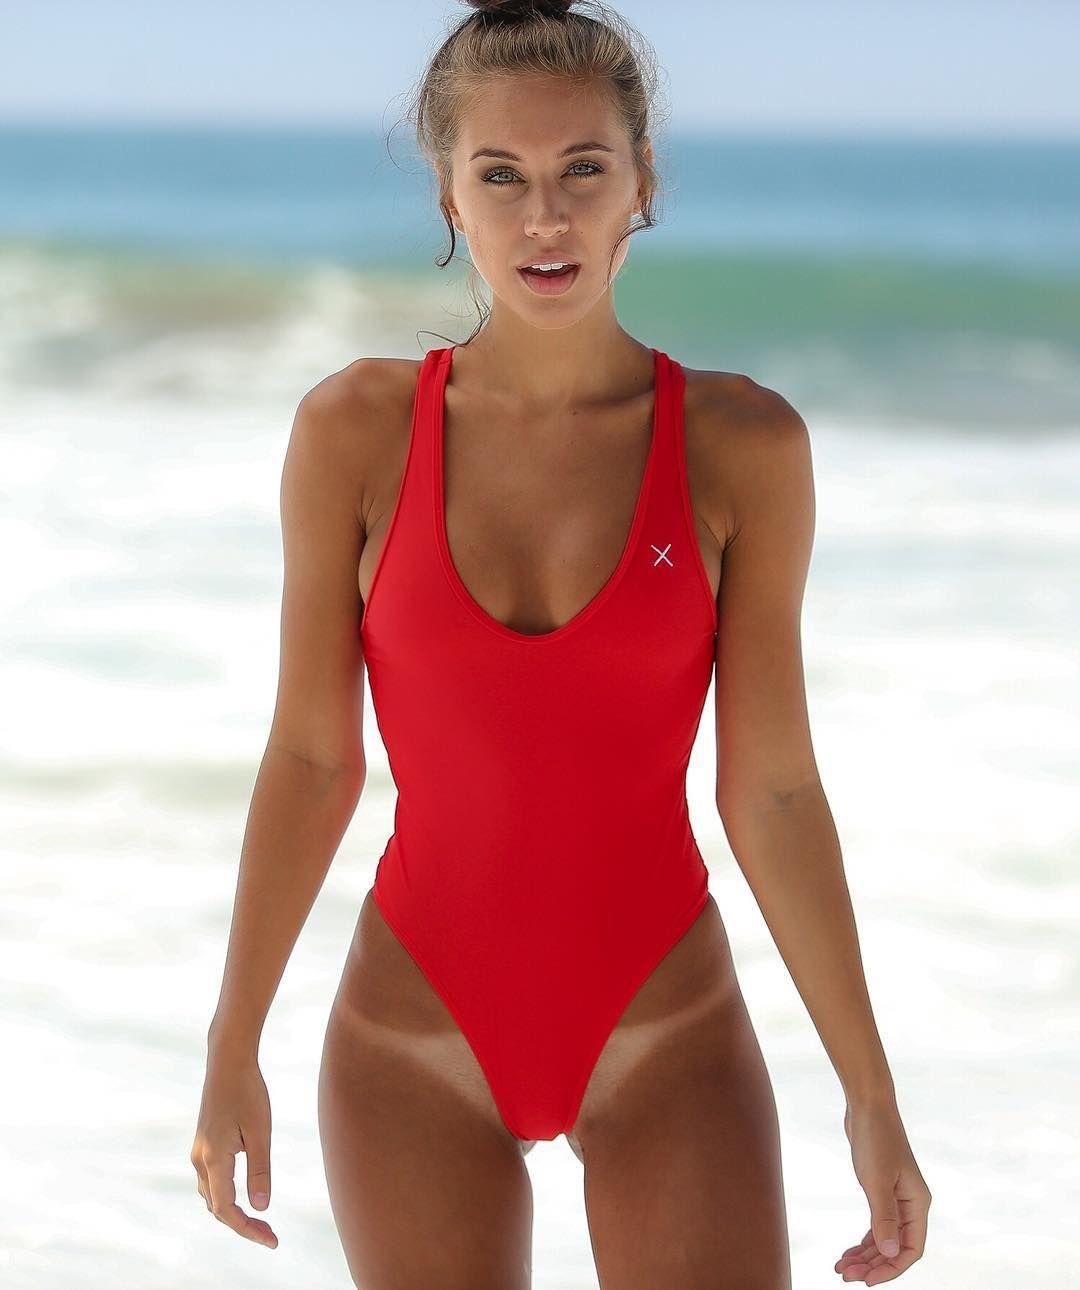 1f62148bb7 Matyeezy Brit Manuela Perfect Bikini Body | Bikini Body | Bikini tan ...